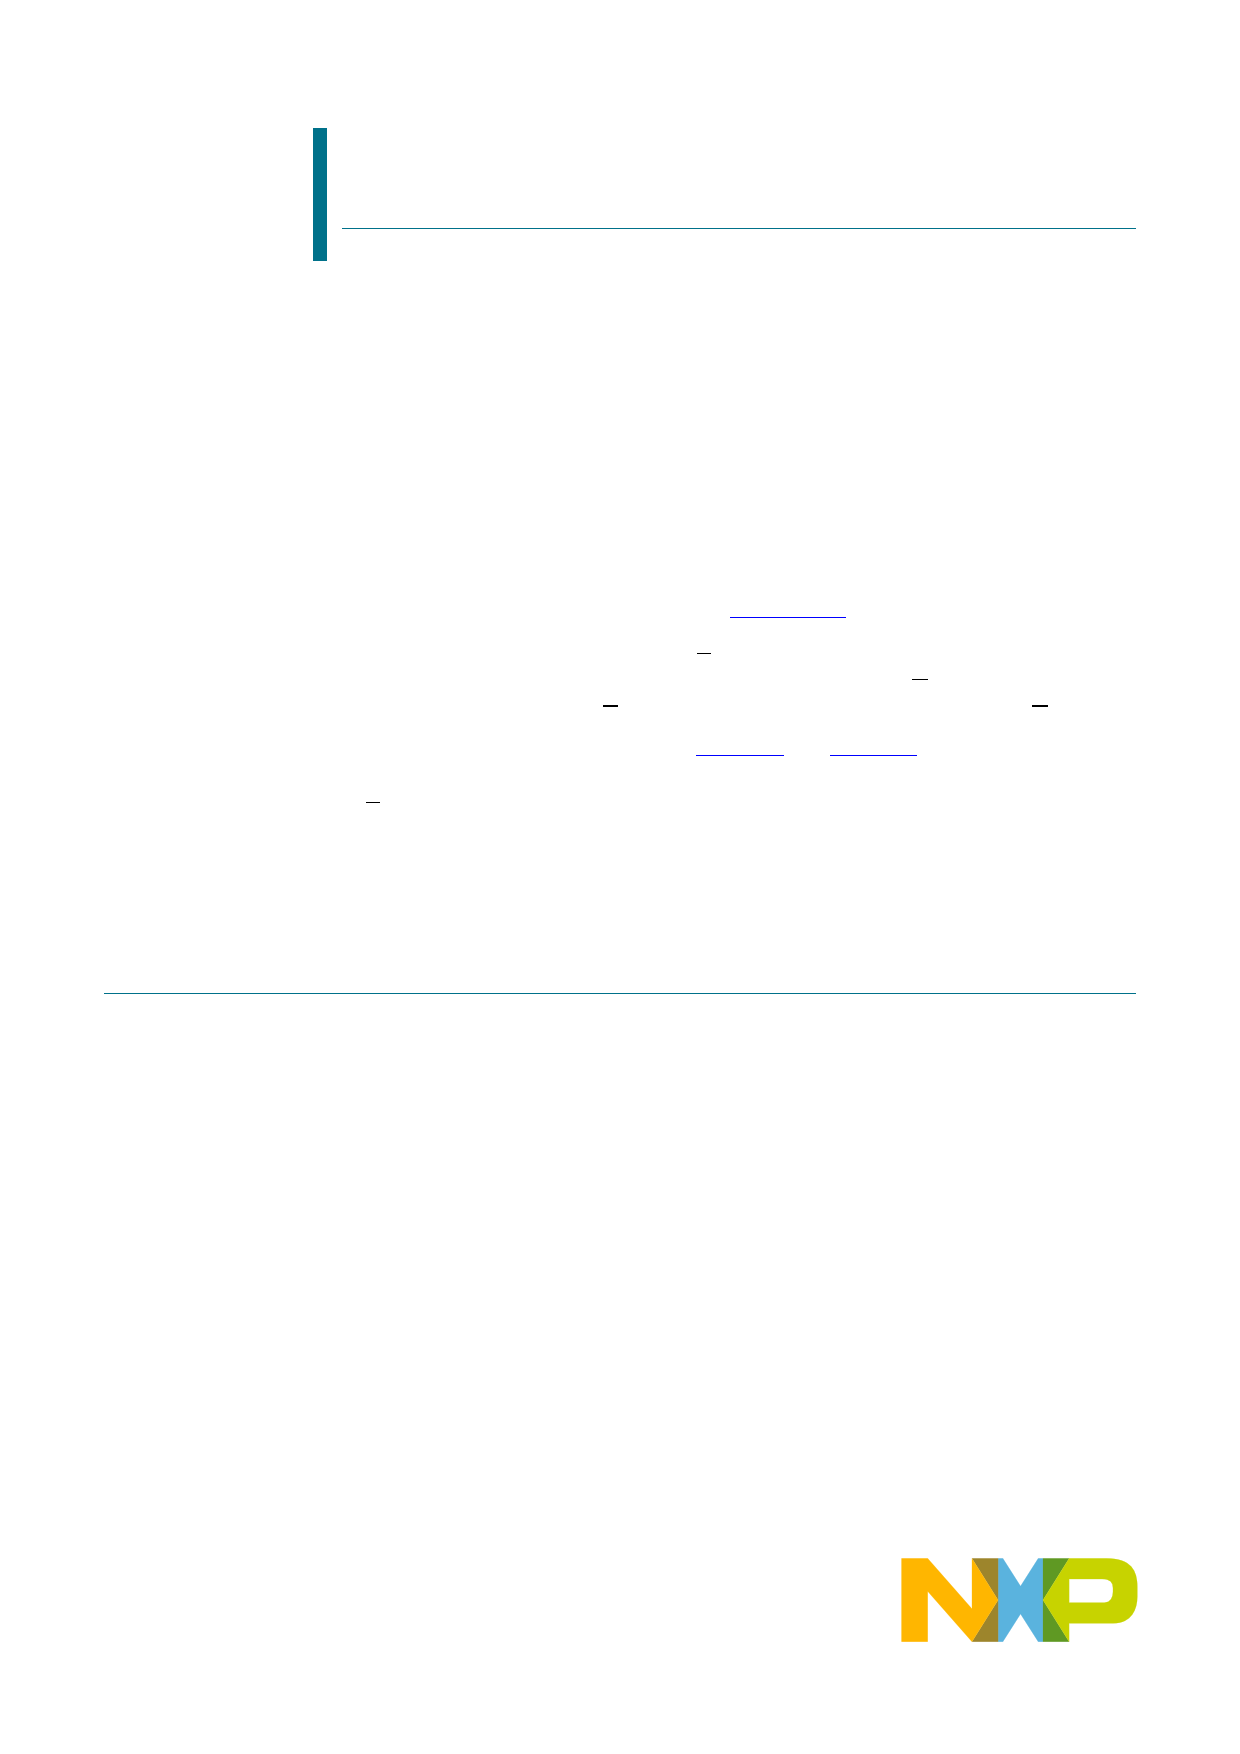 74HC423 دیتاشیت PDF